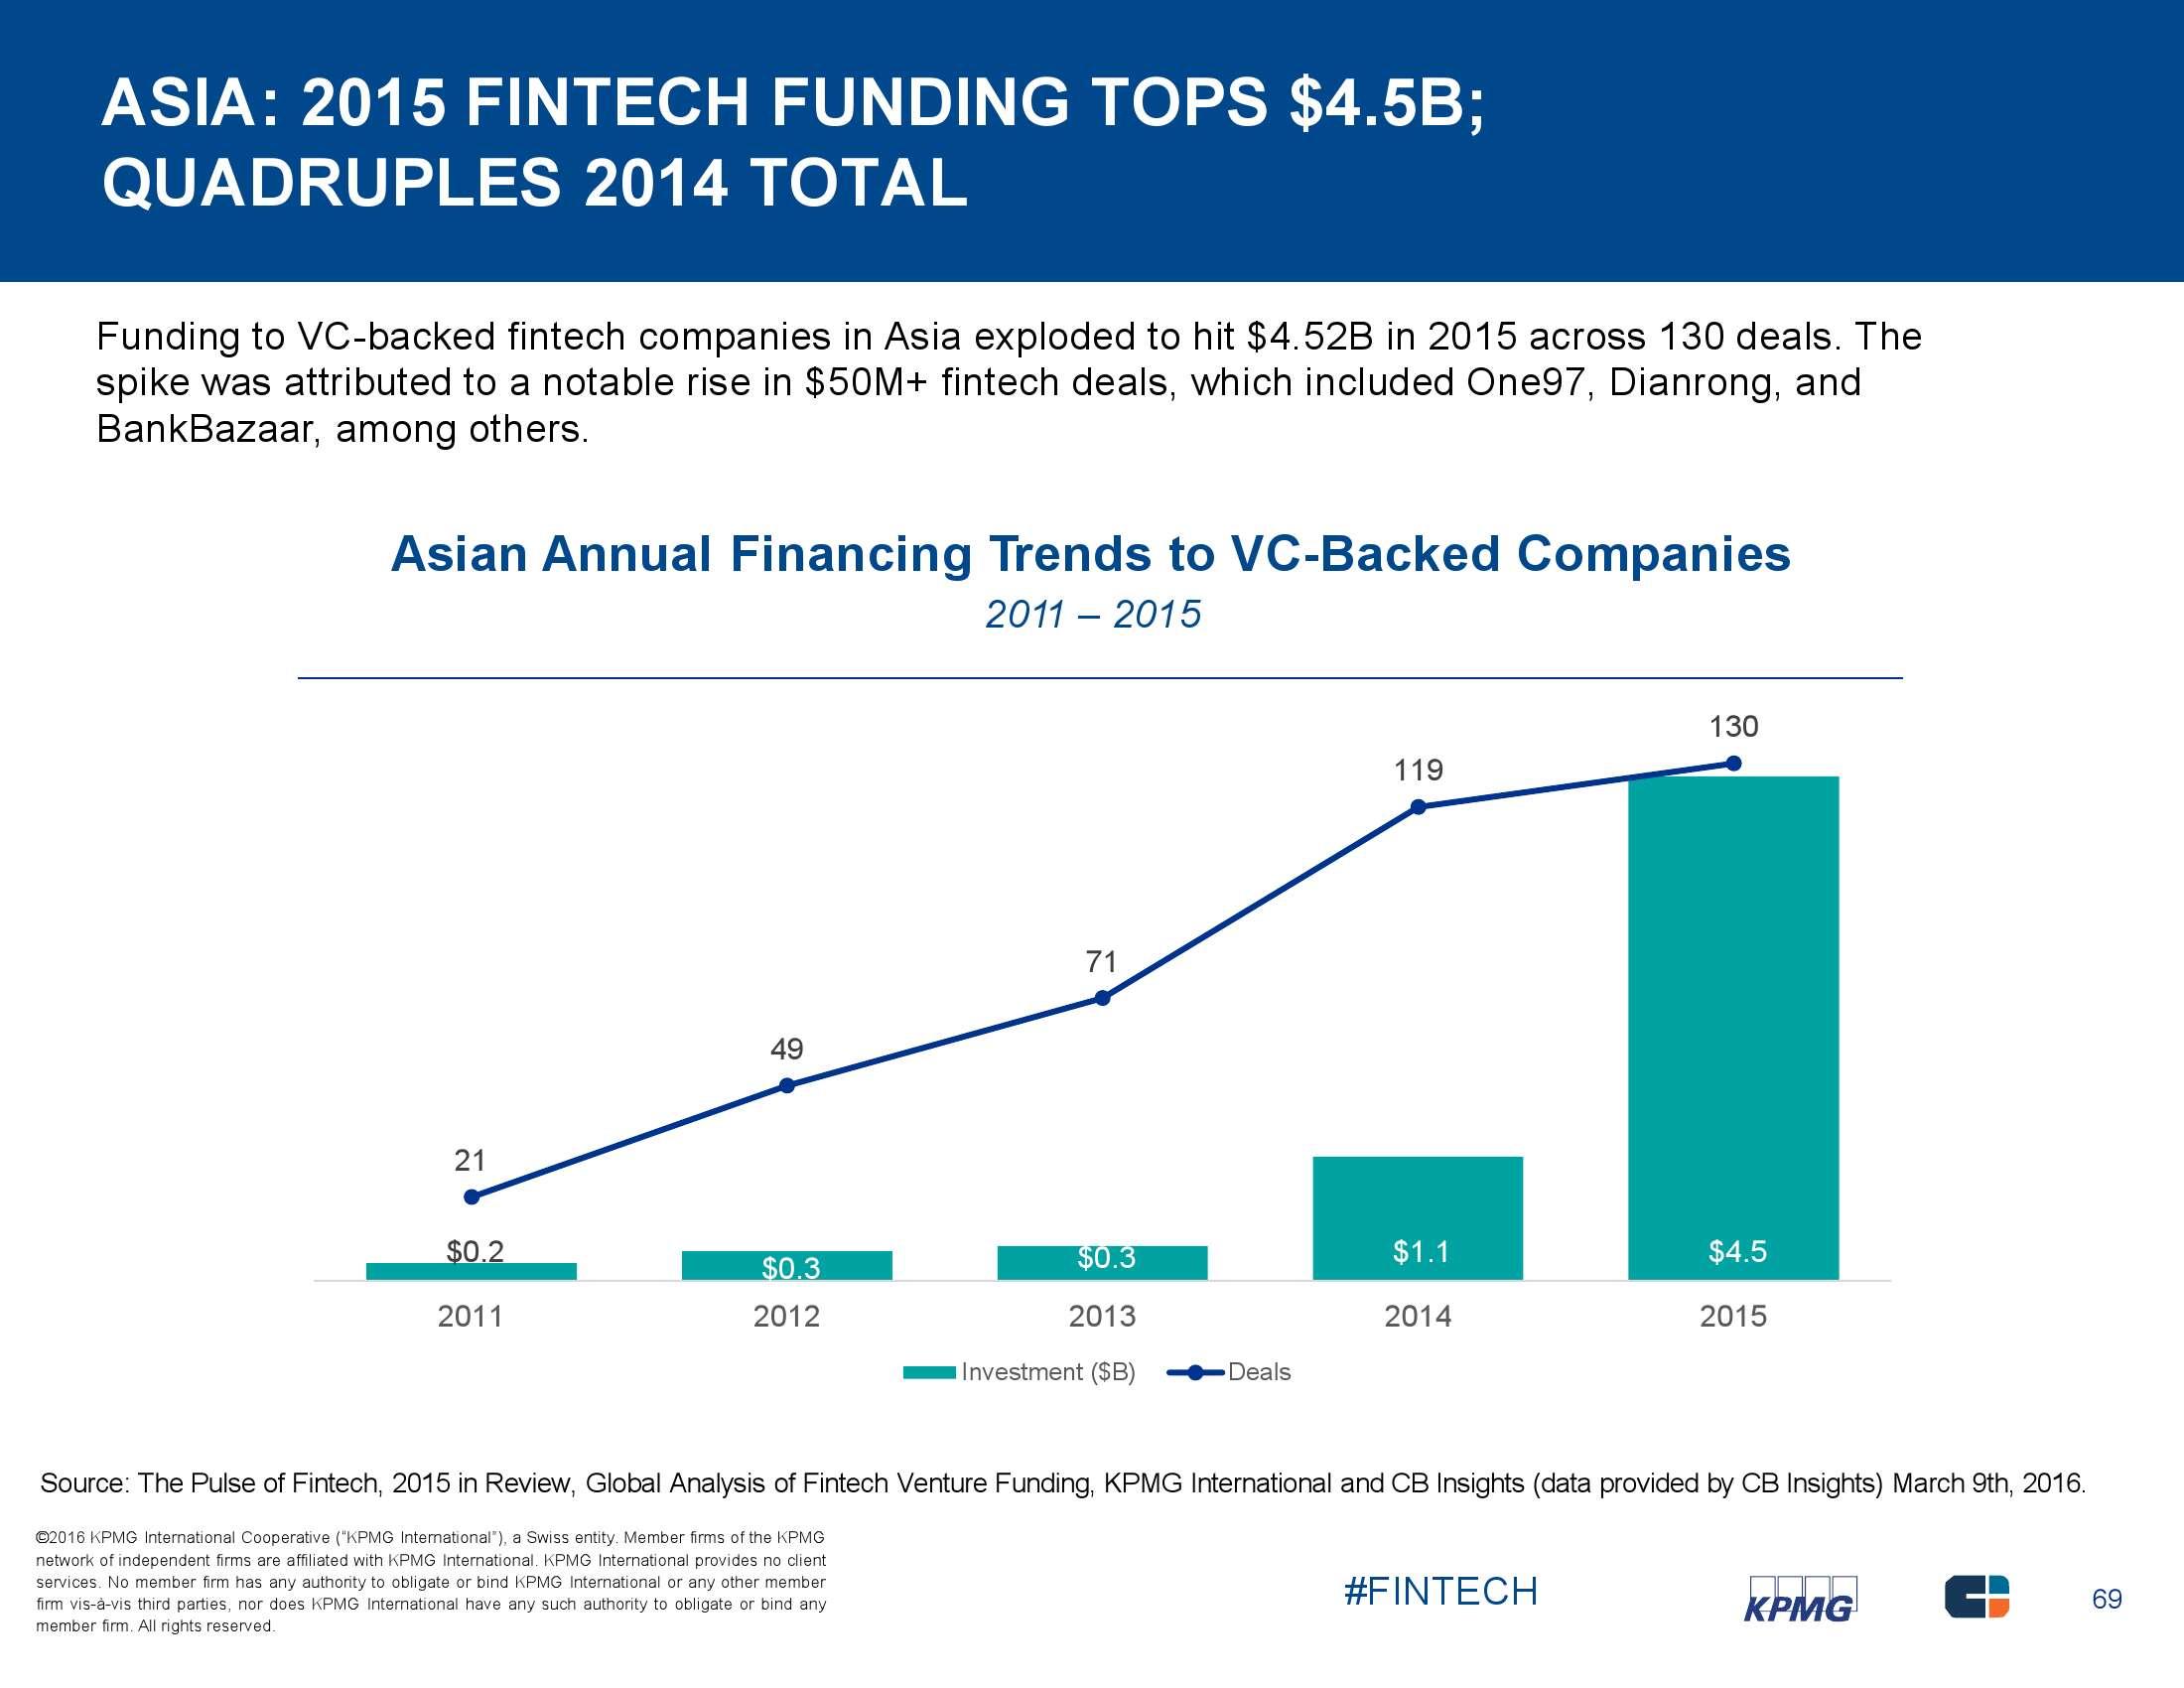 毕马威:2015年全球互联网金融报告_000069